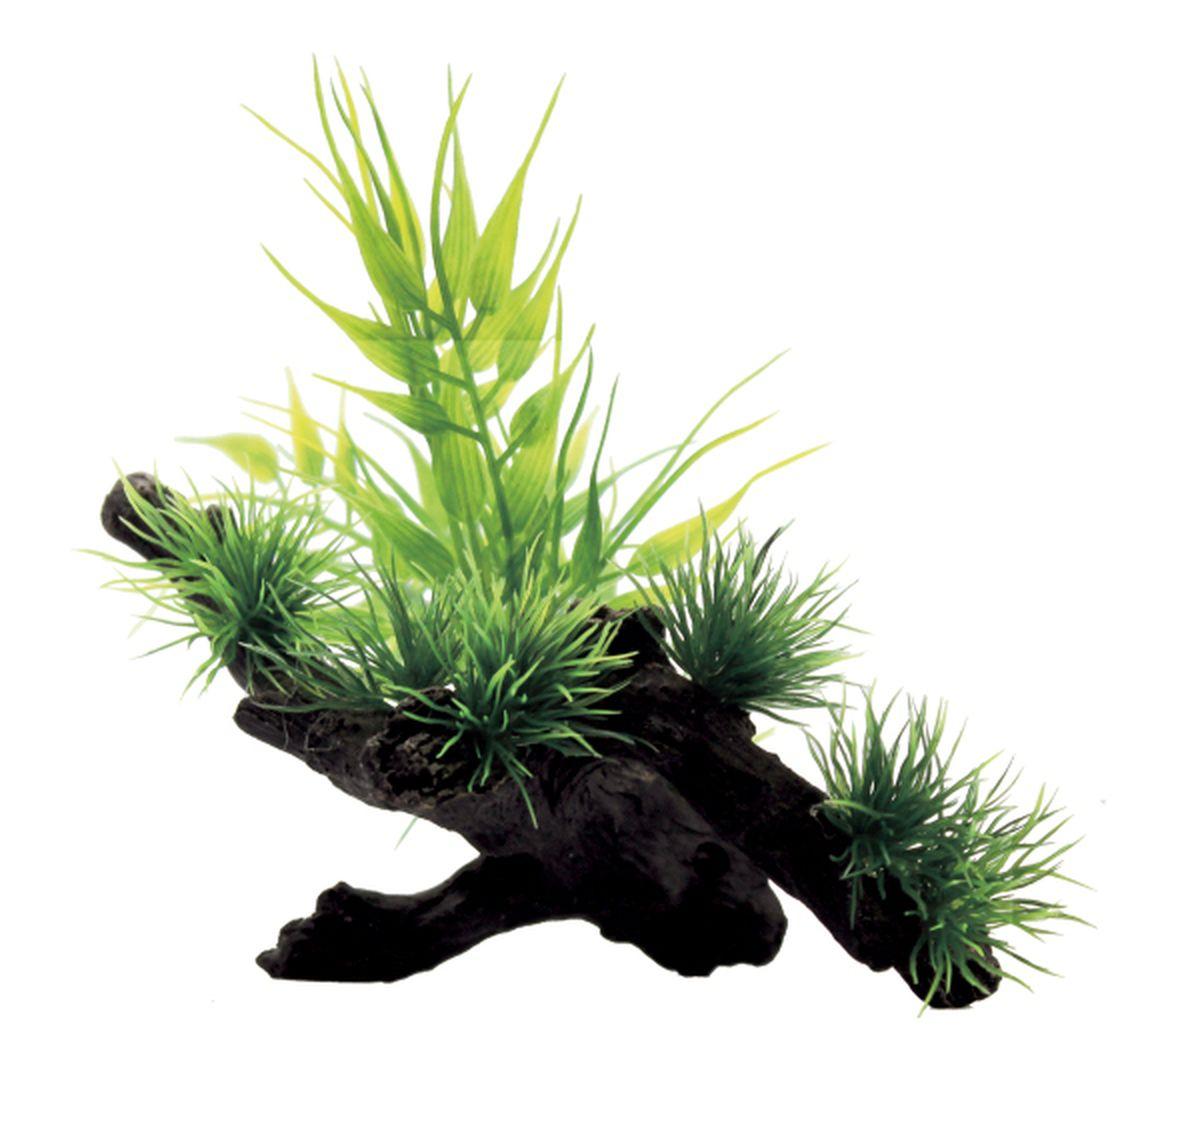 Композиция из растений для аквариума ArtUniq Бамбук на коряге, 15 x 12 x 12 смART-1130407Композиция из растений для аквариума ArtUniq Бамбук на коряге, 15 x 12 x 12 см